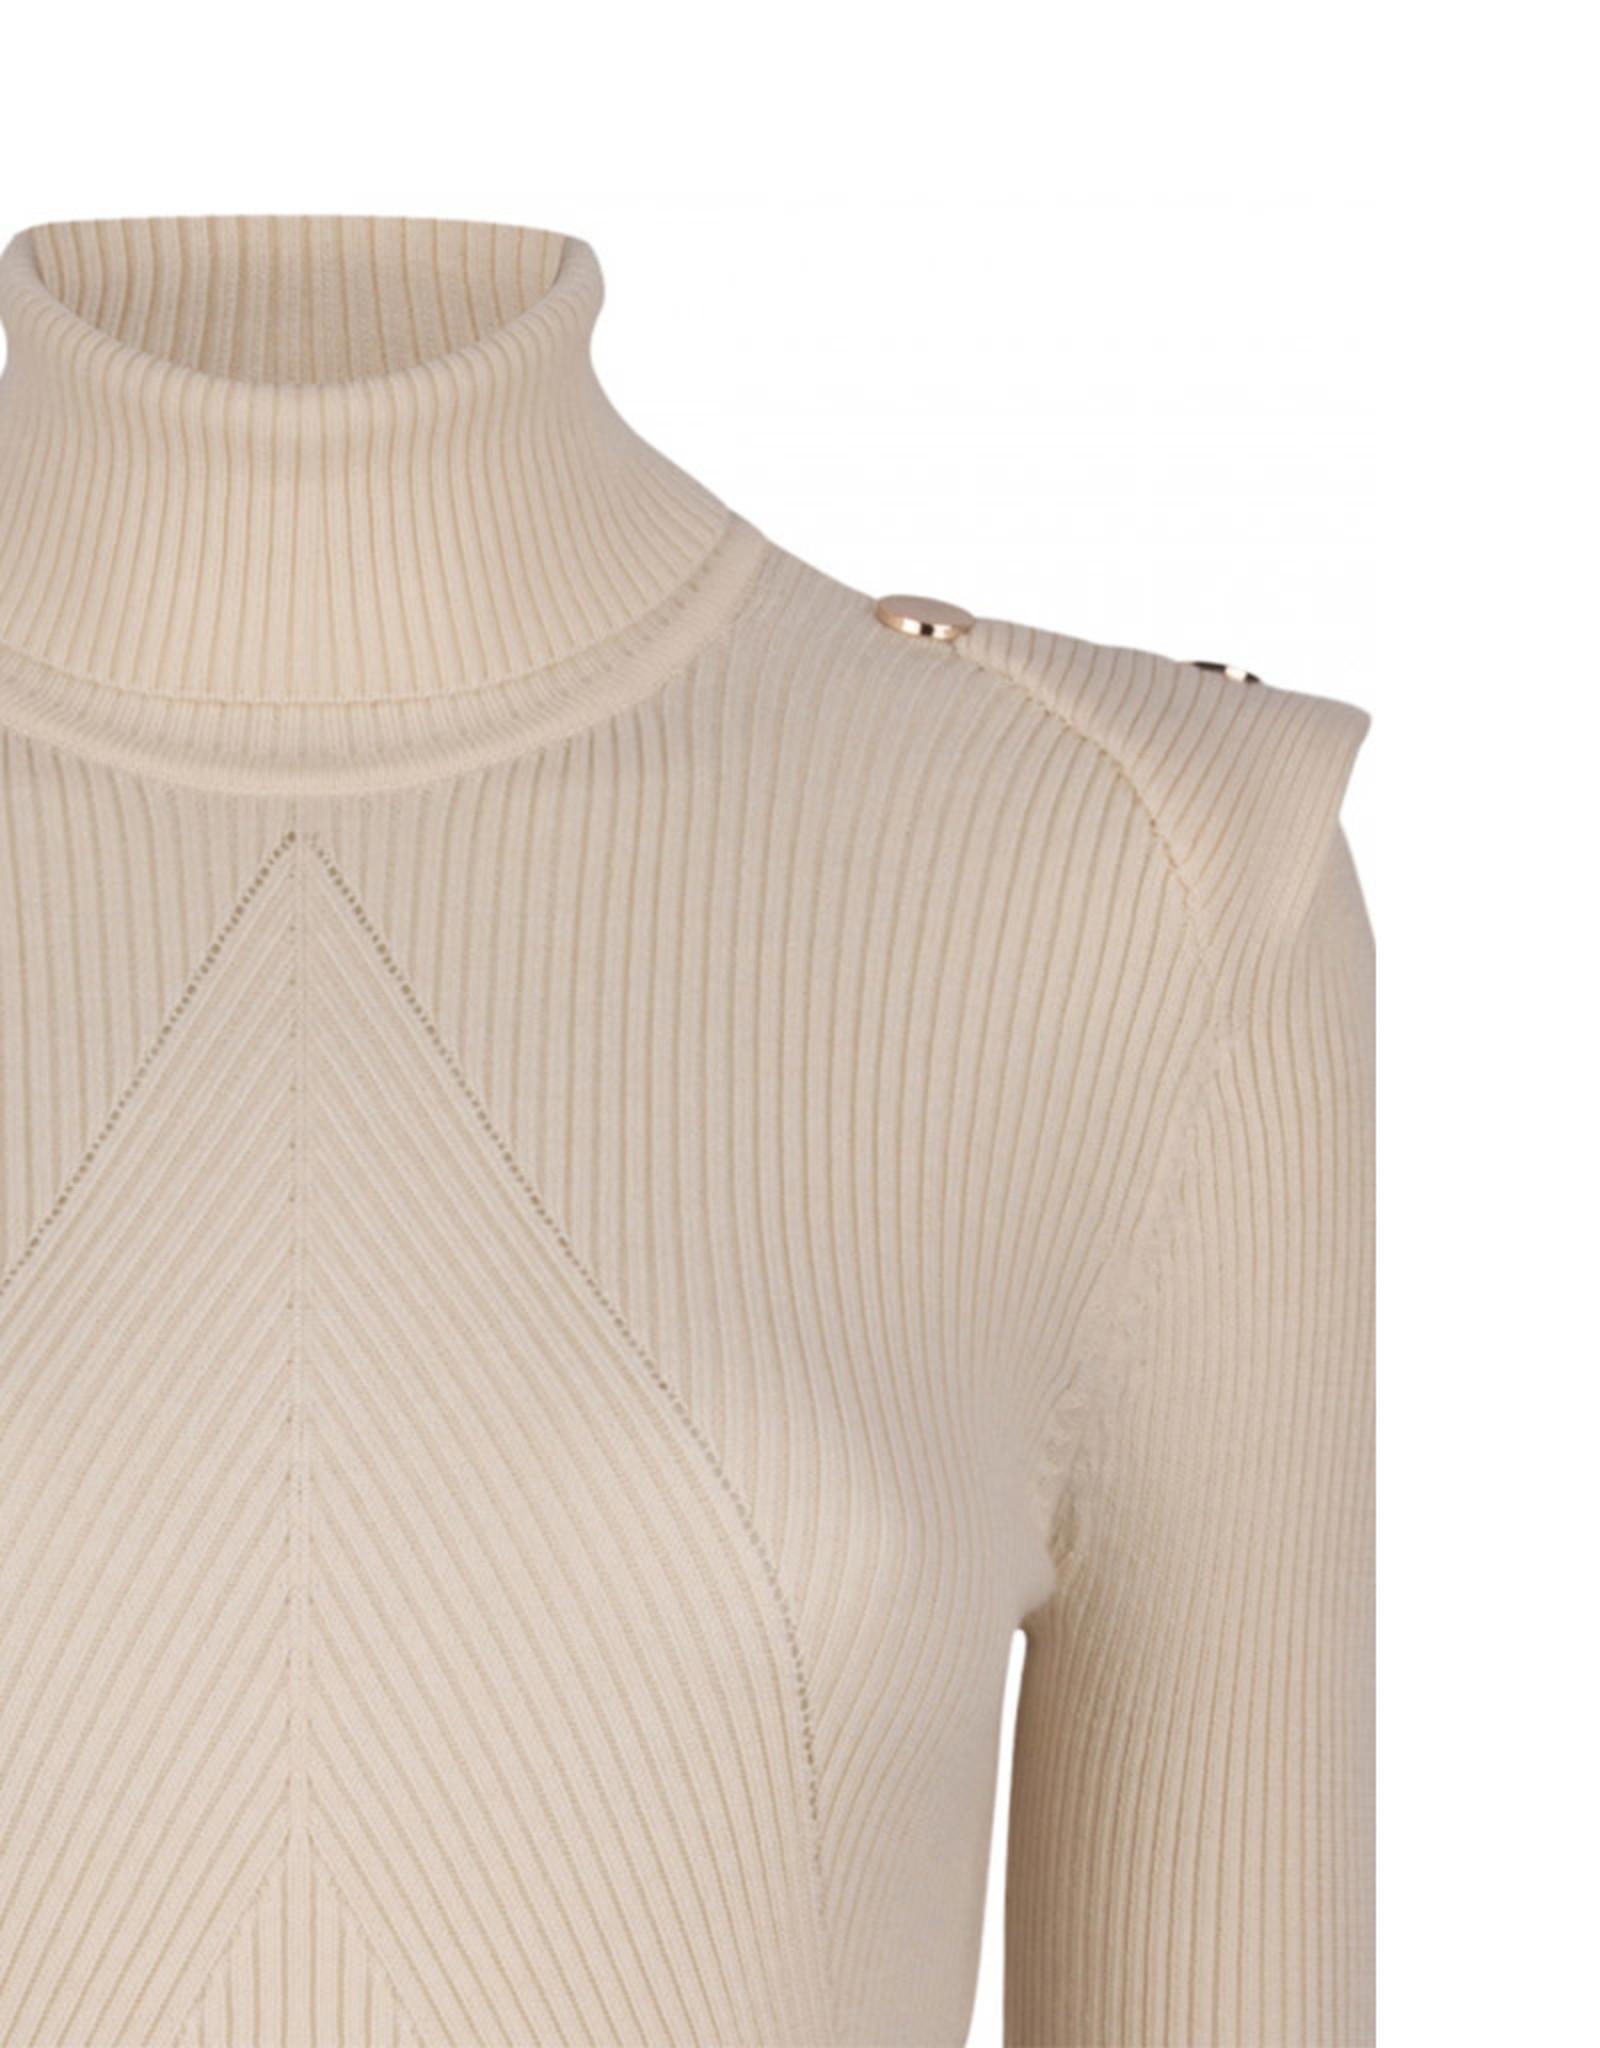 dante6 Celia Sweater